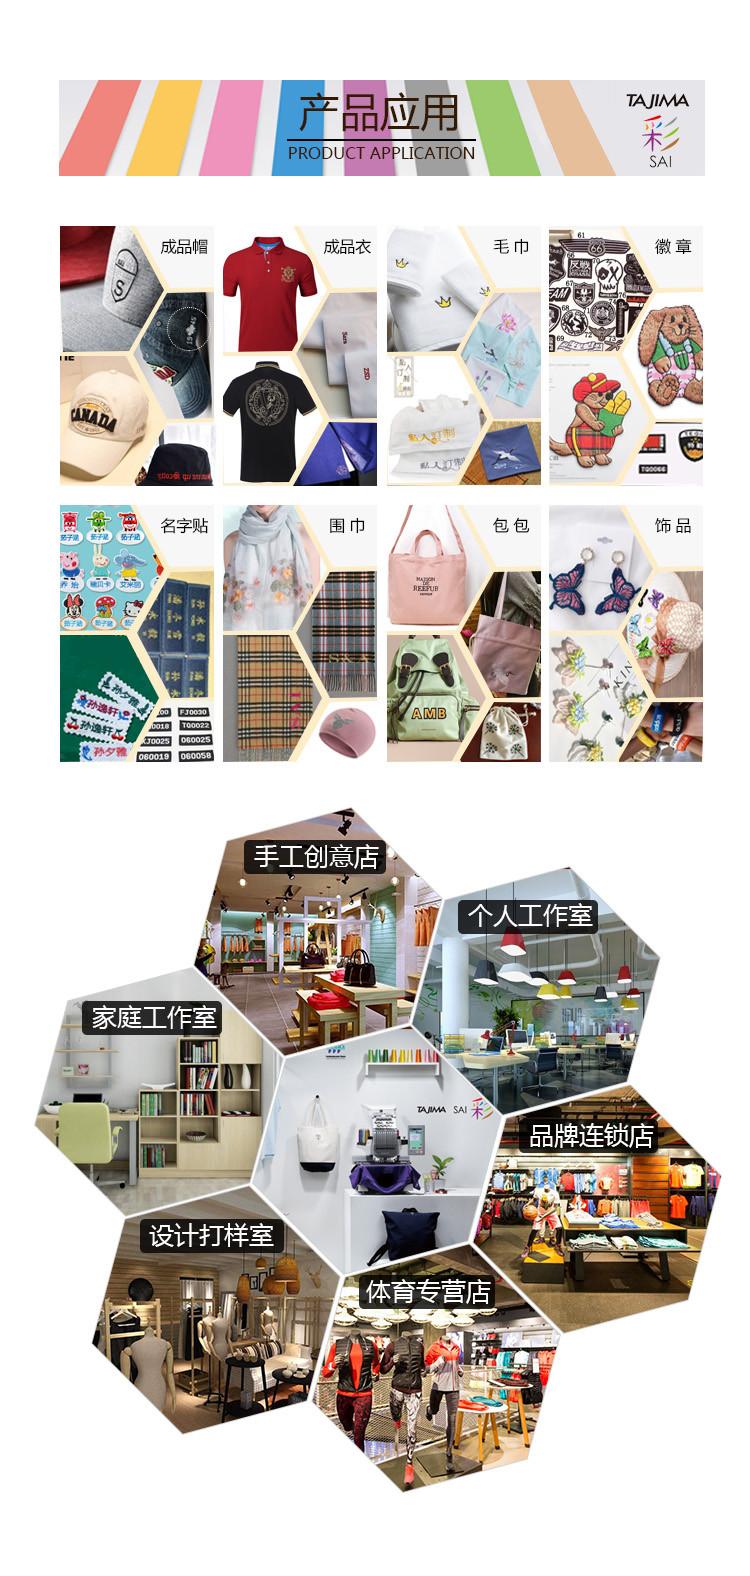 产品应用.jpg